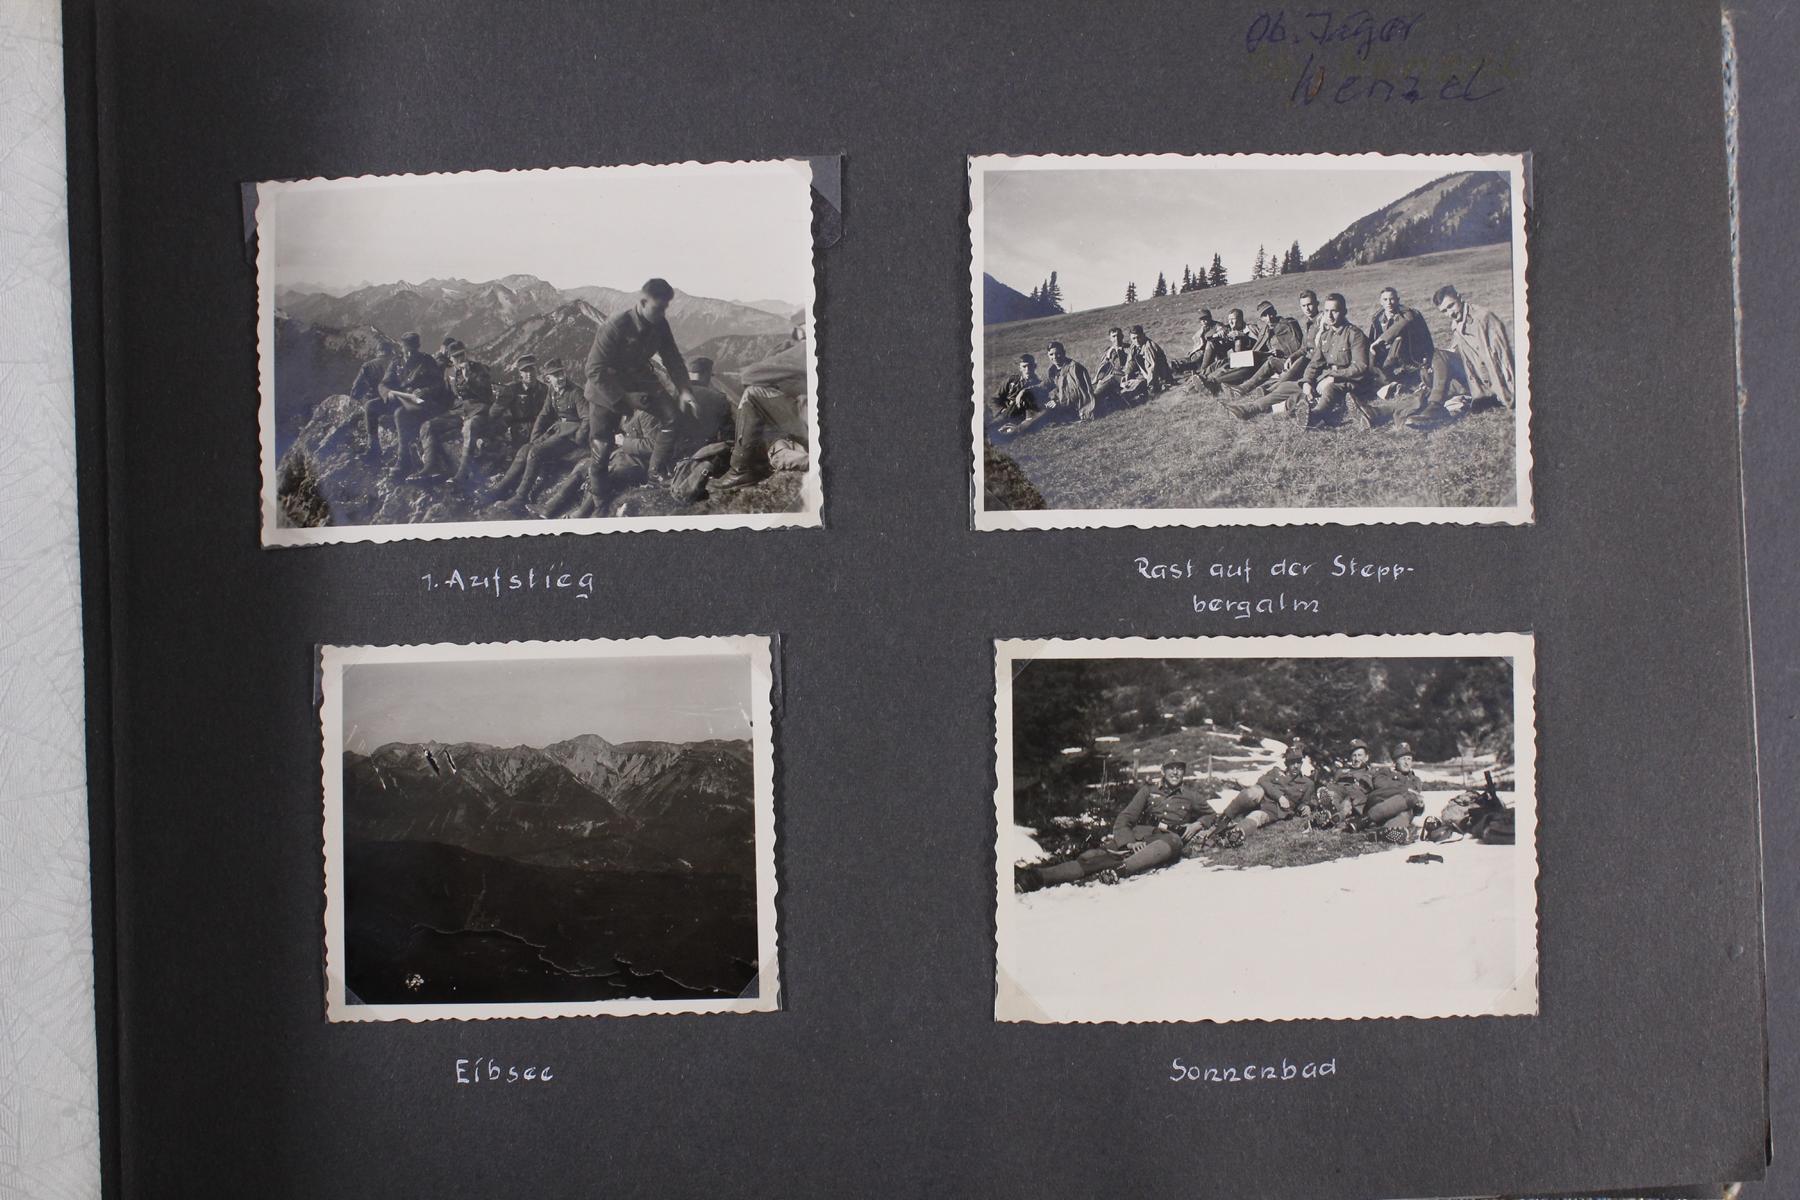 2. WK. Privates Fotoalbum eines Soldaten der 1. Gebirgsdivision-4